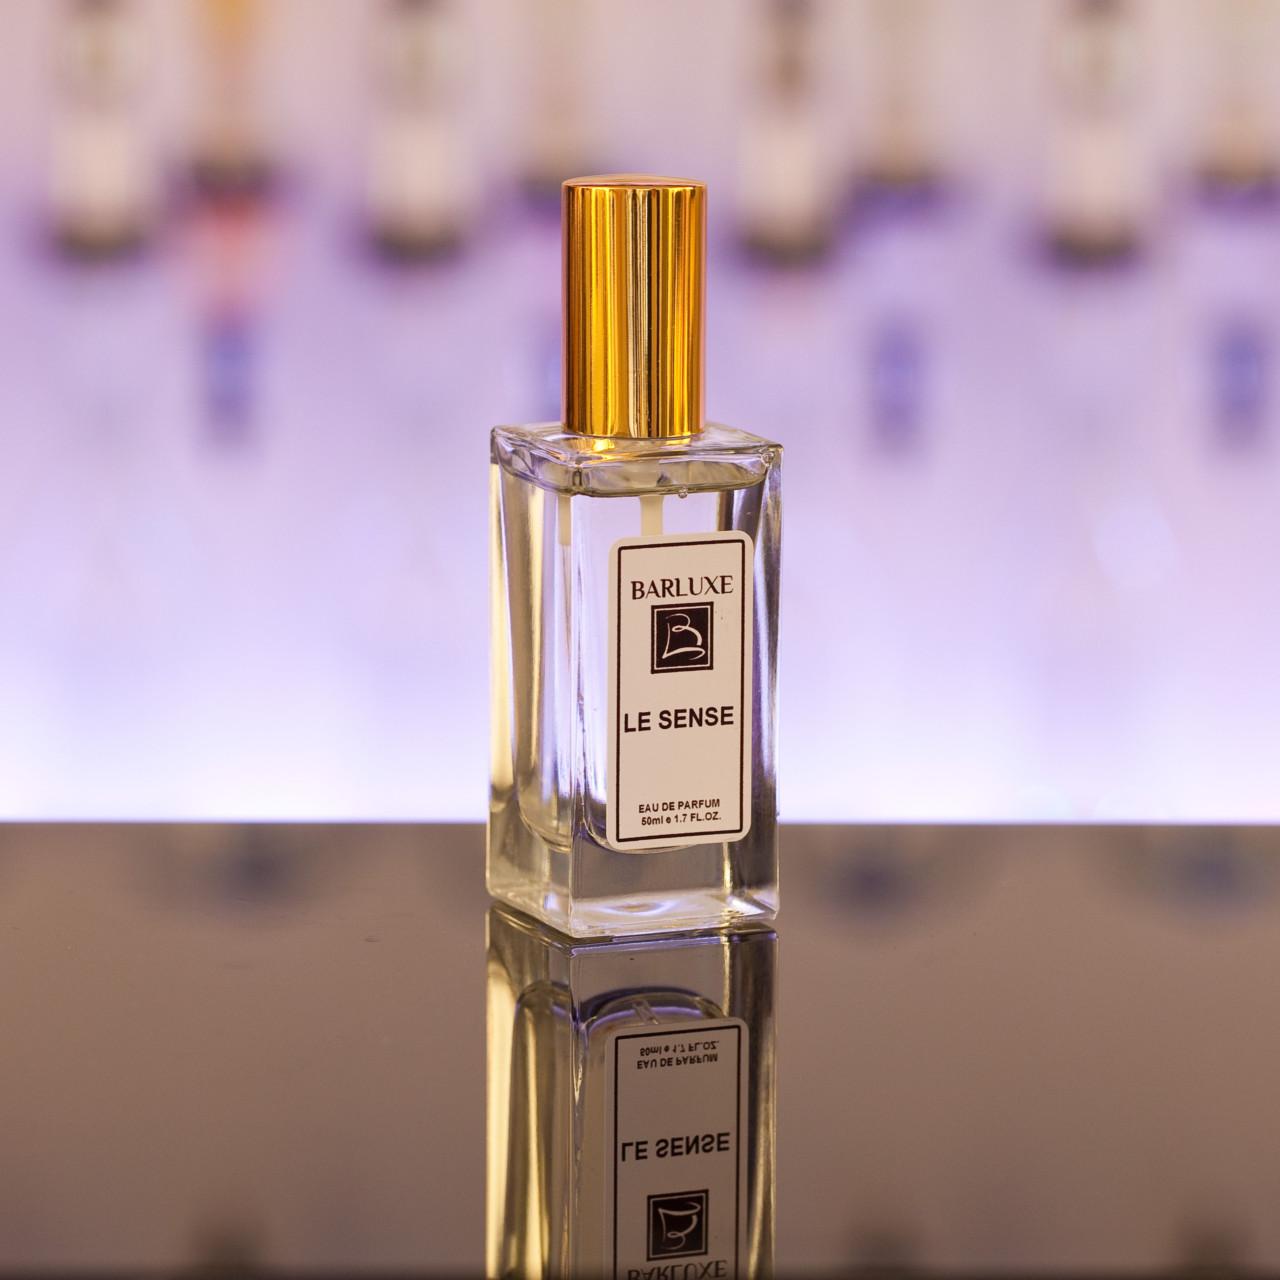 damen-parfum-dupe-double-duft-duftzwilling-le-sense-2